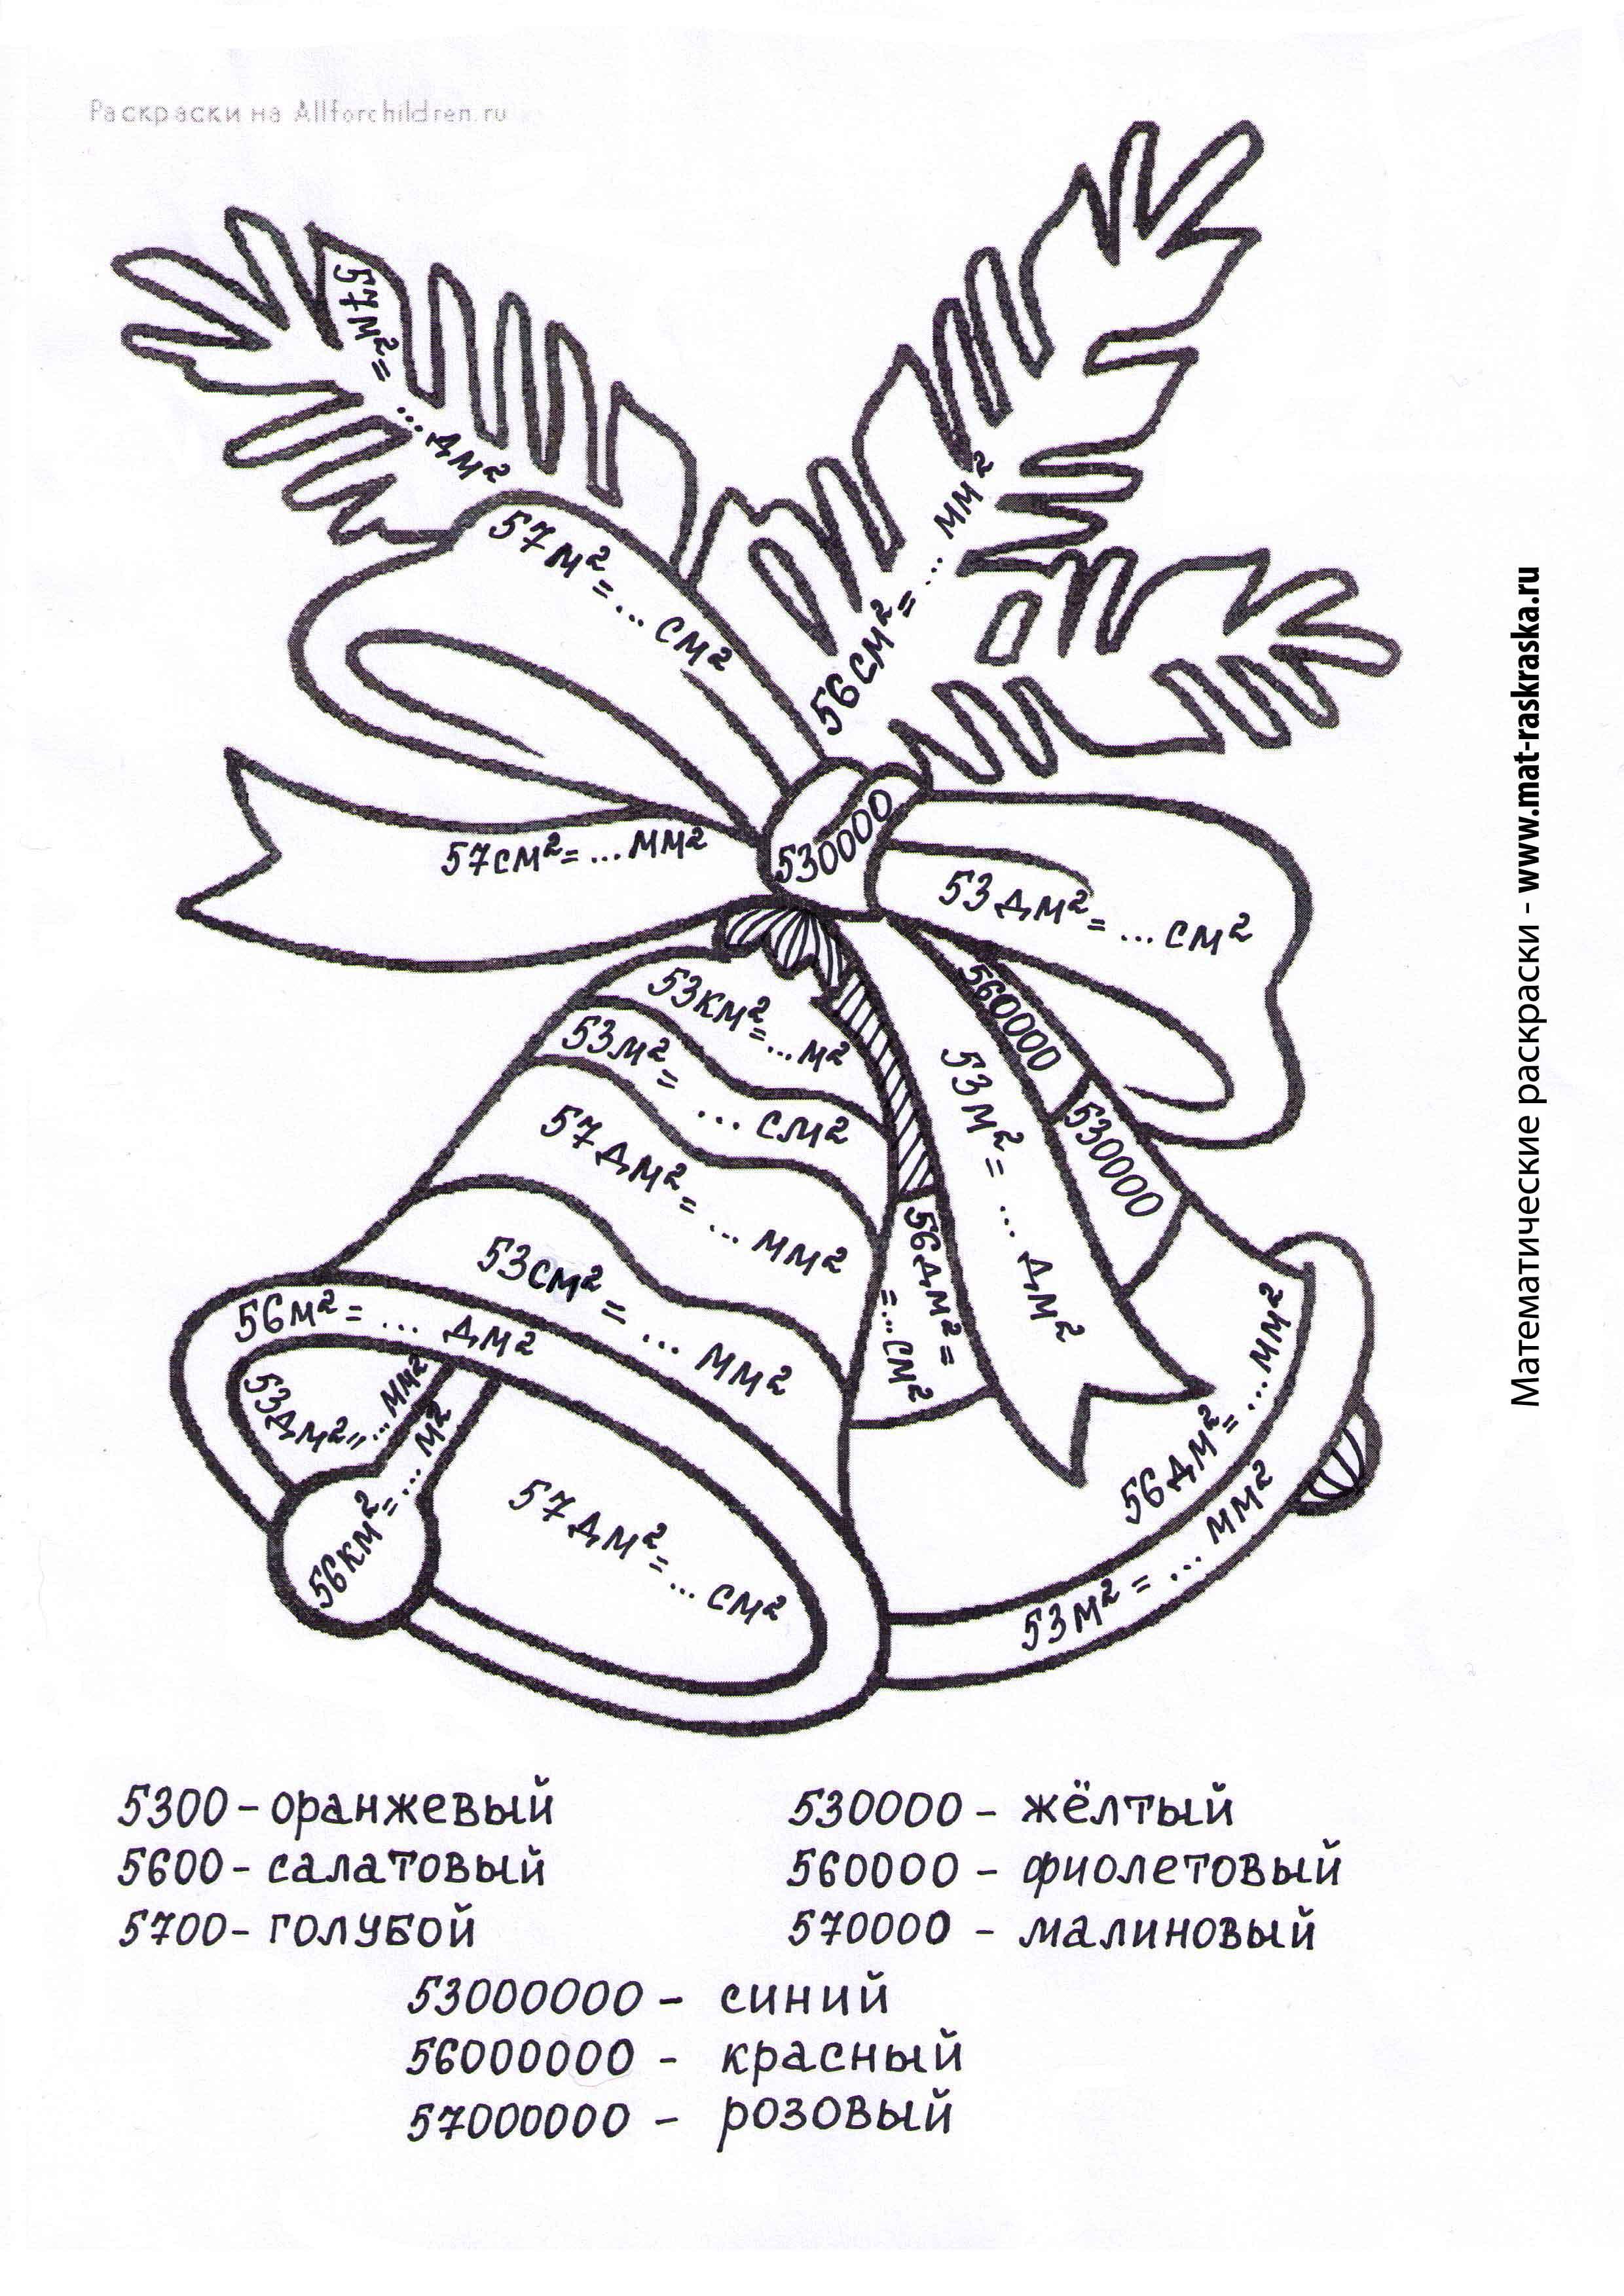 http://www.mat-raskraska.ru/images/stories/Raskraski/Edinitsi-izmerenia-dlini/kolokolchik-sootnoshenie-edinits-ploshadi_big.jpg